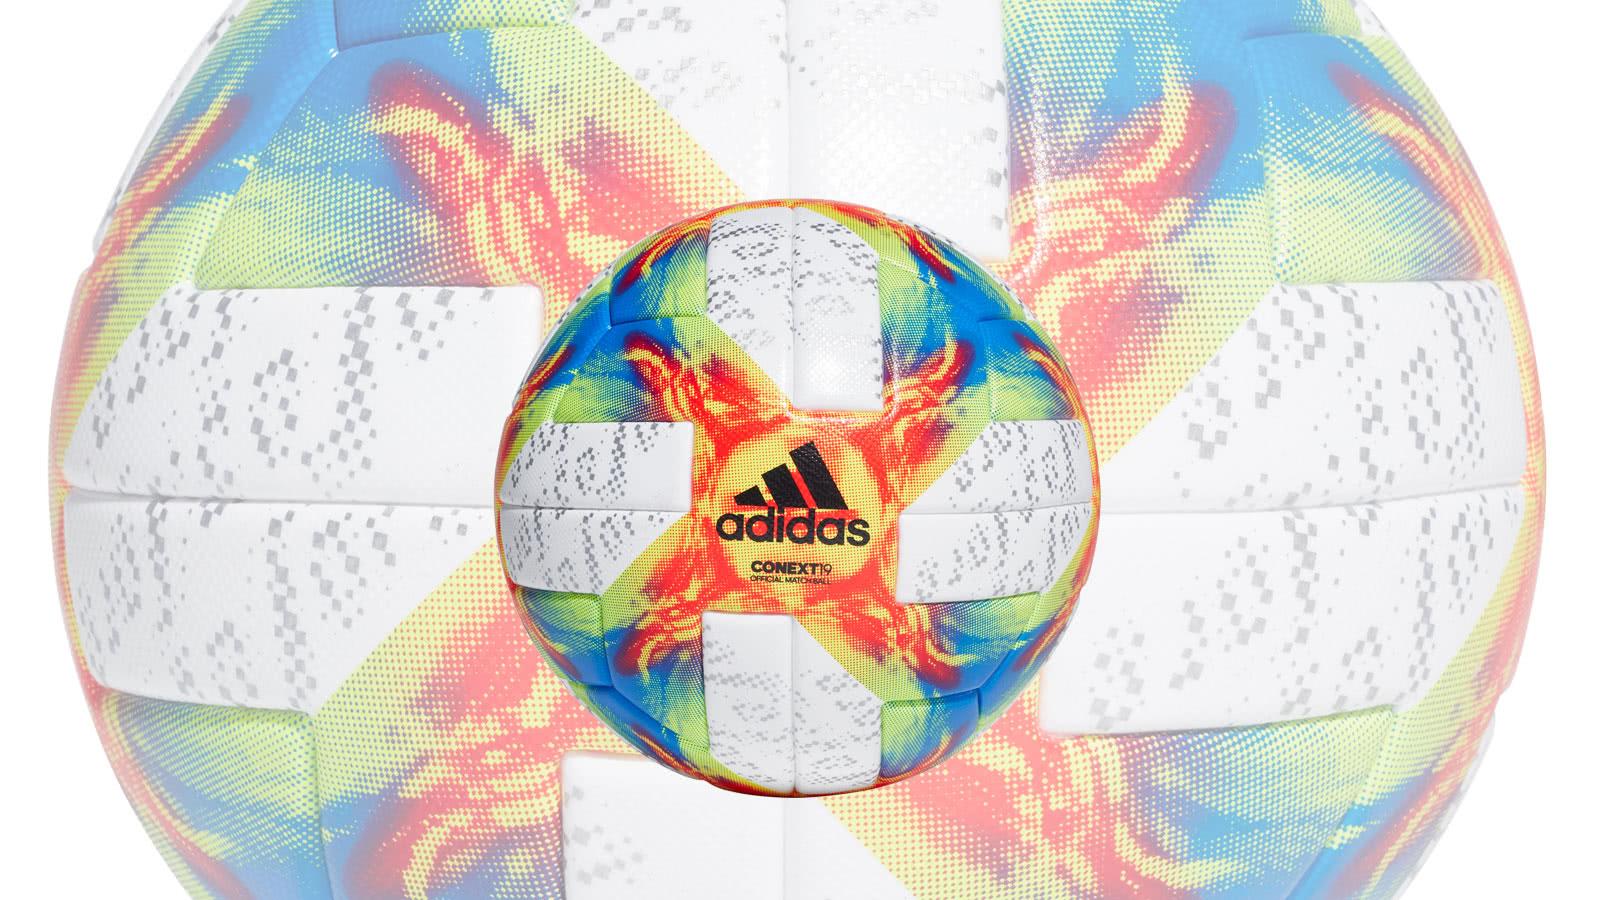 Der adidas Conext 19 Match Ball